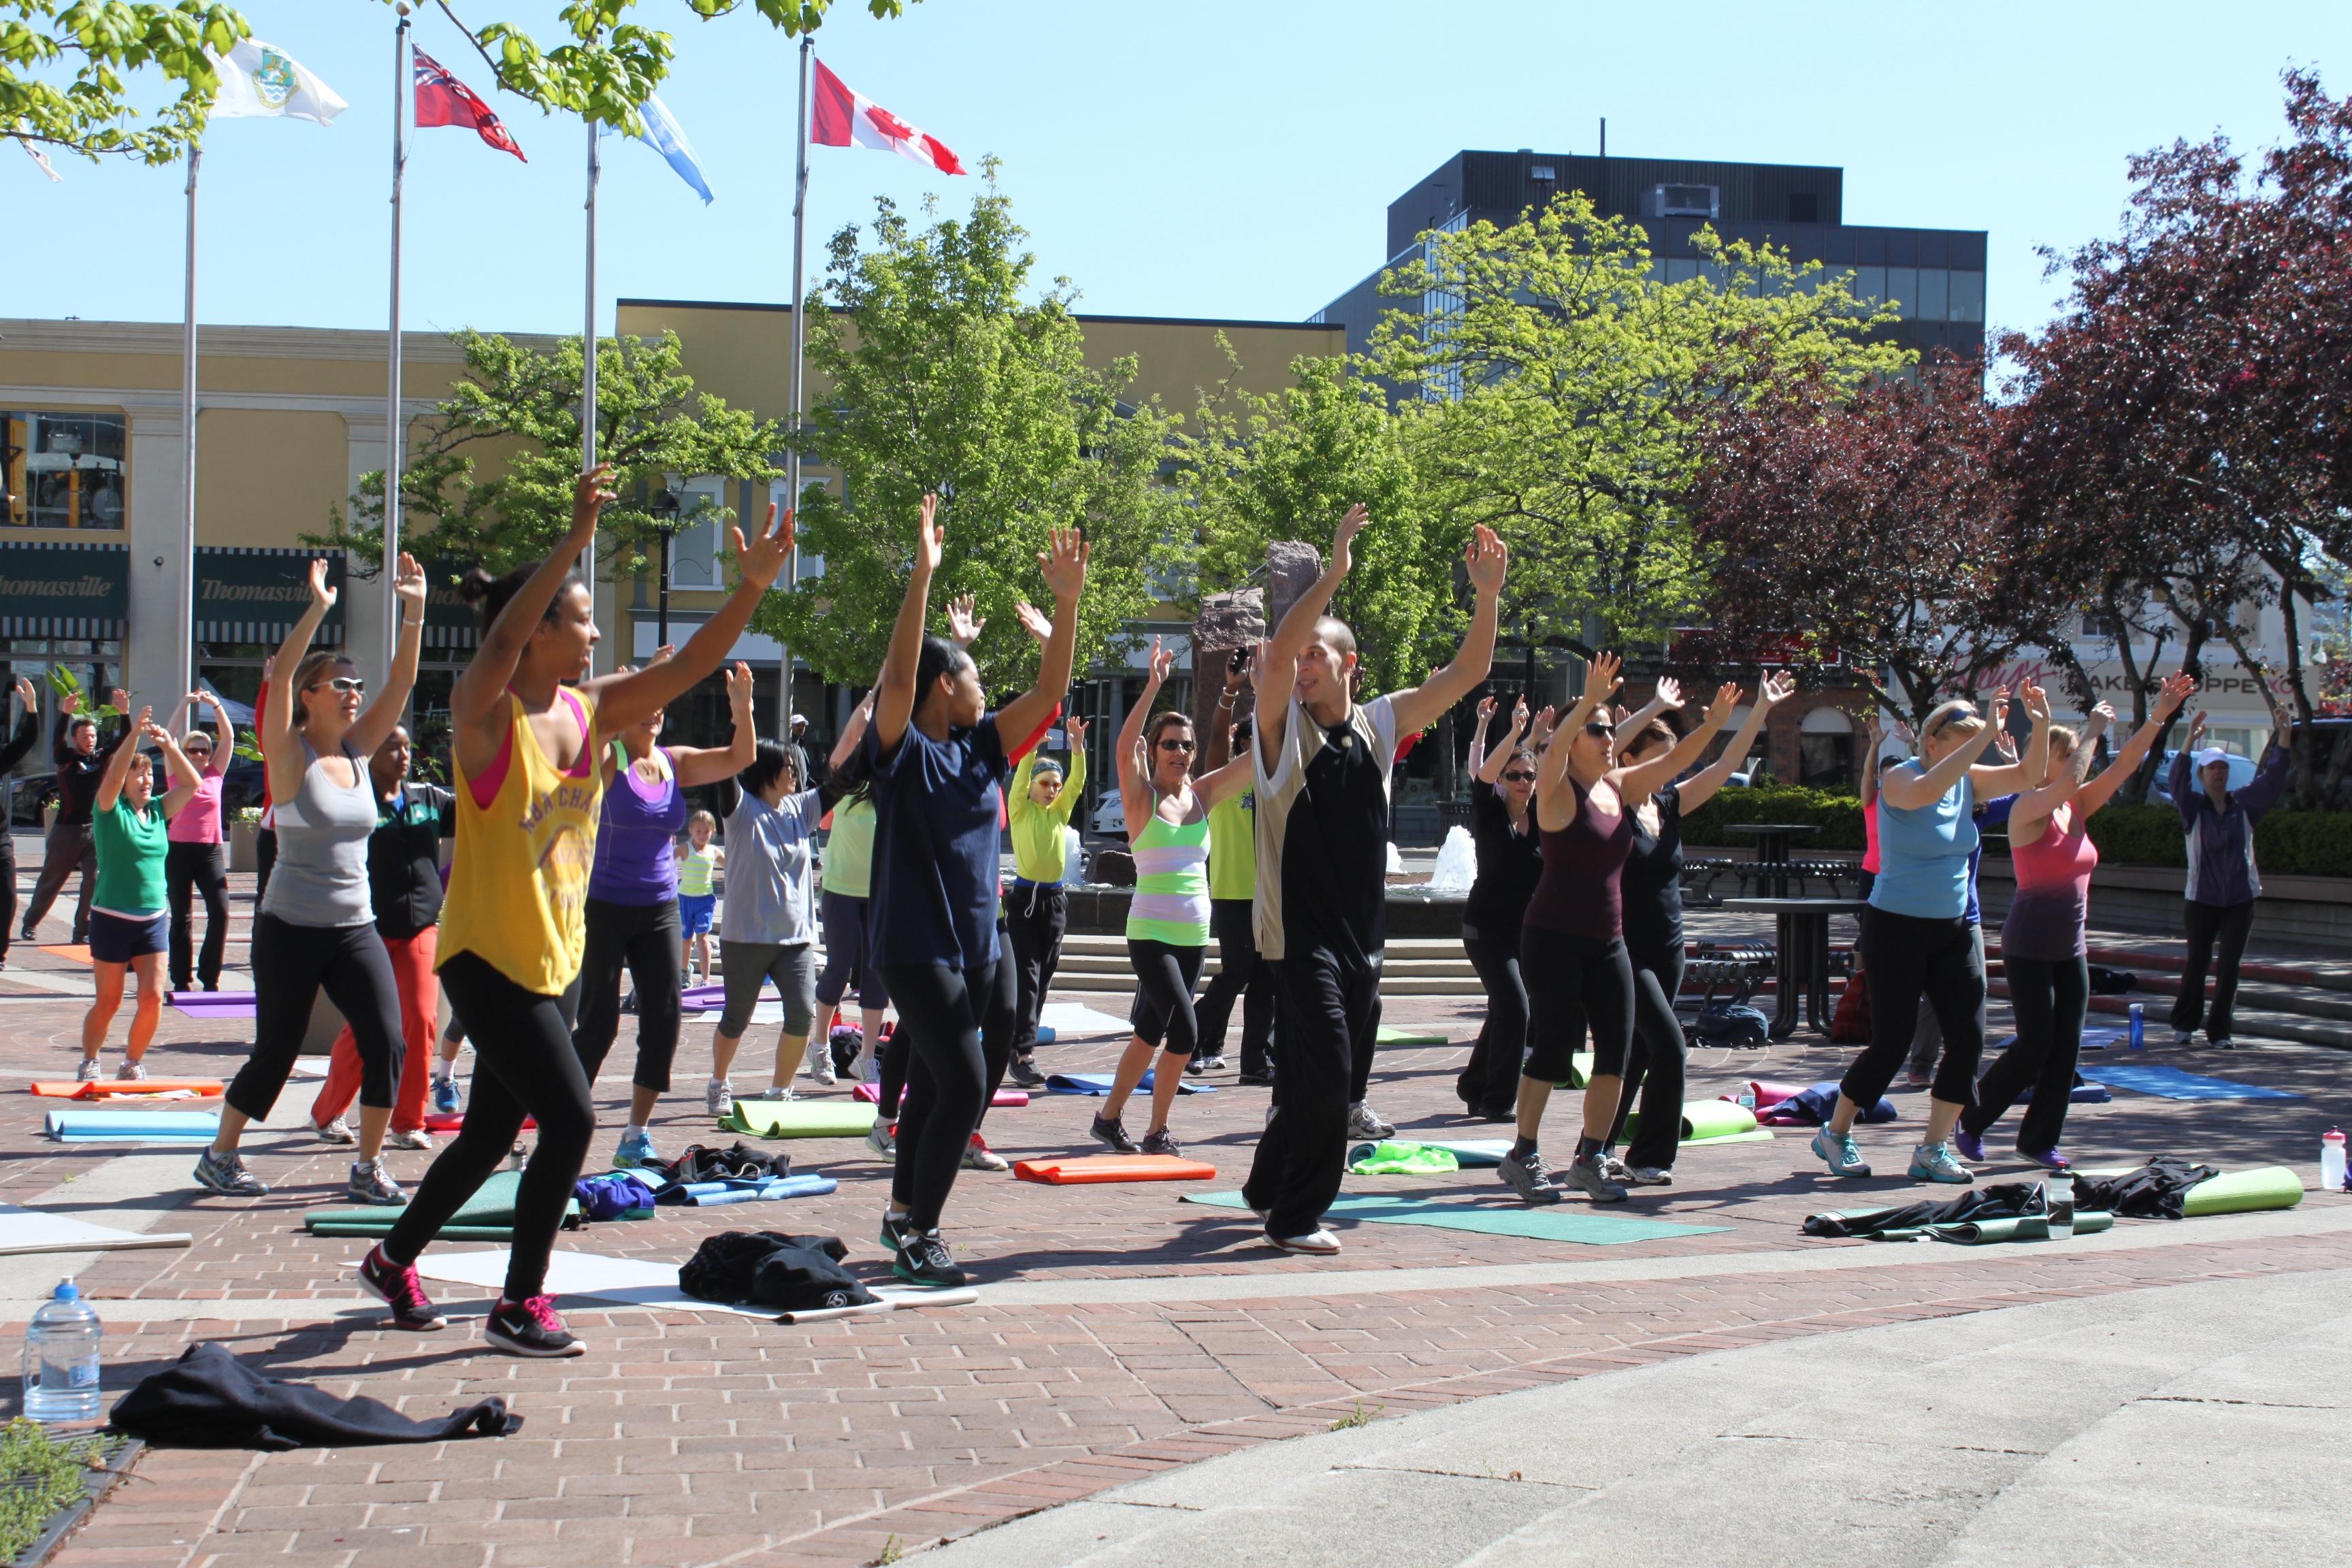 danceScape at Fit in the Core, Downtown Burlington, Ontario